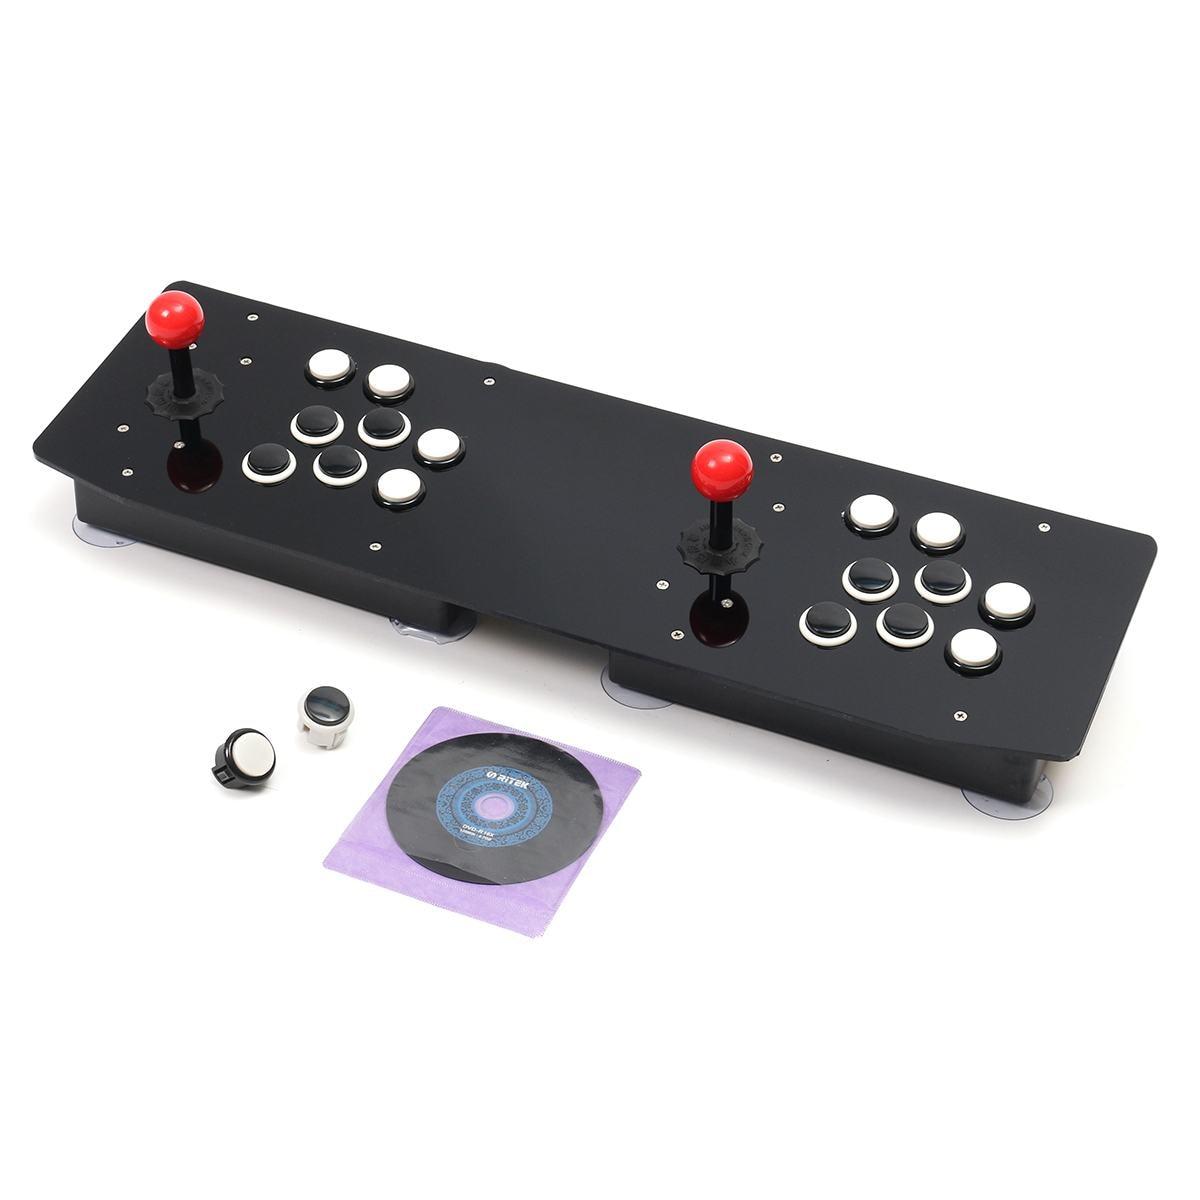 Double bâton d'arcade jeu vidéo manette contrôleur Console PC USB 2 joueurs ordinateur Machine de jeu vidéo jeu accessoires de jeu - 6